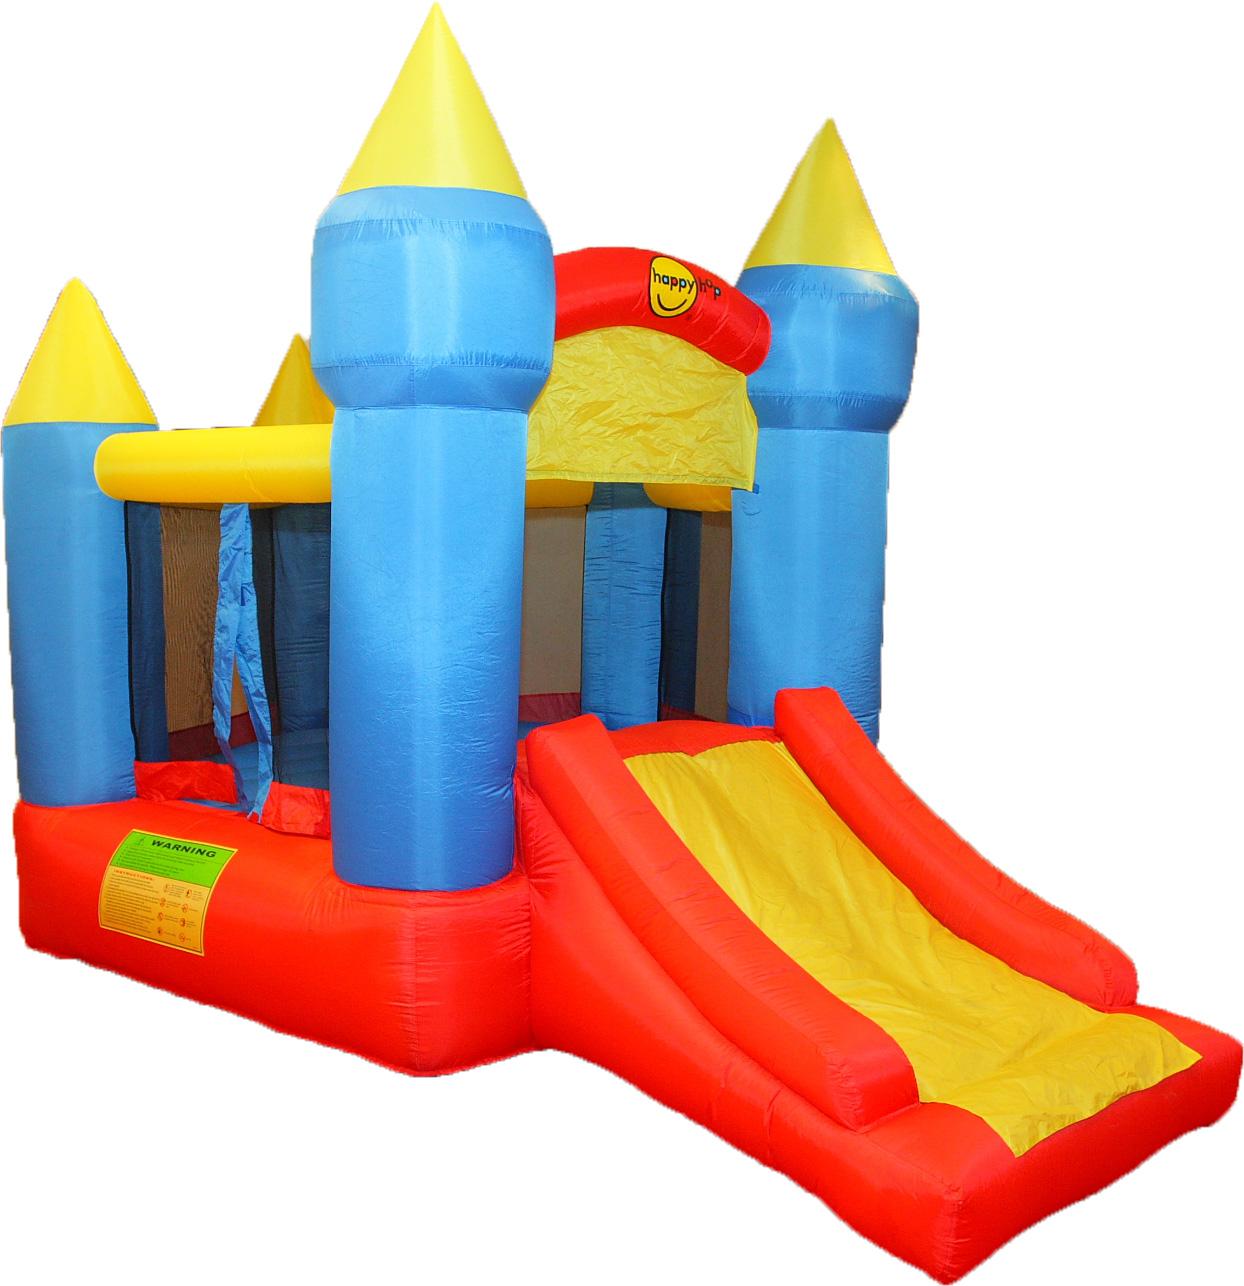 Zamek do skakania